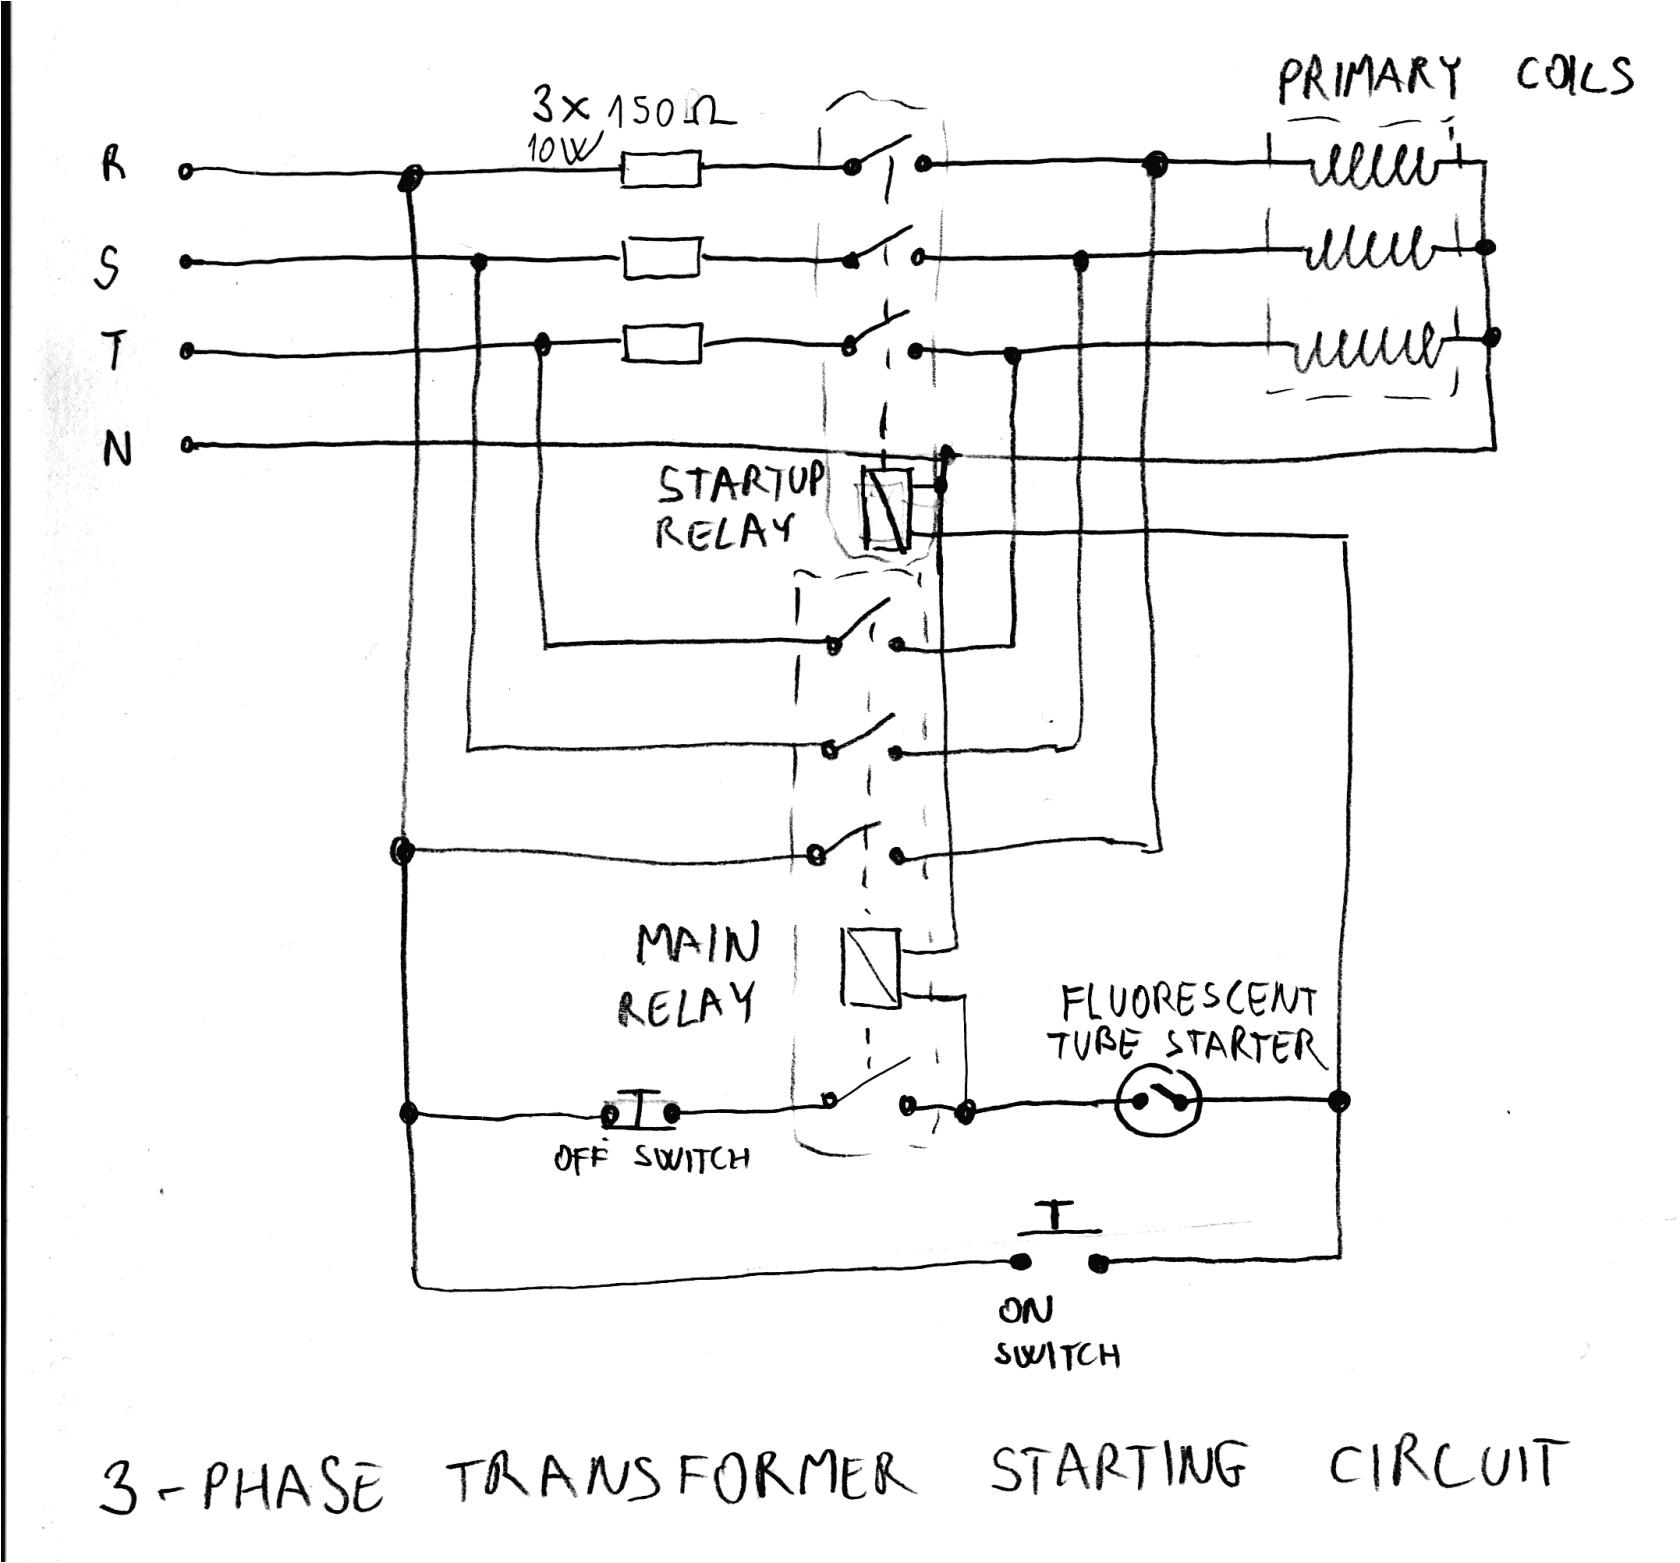 480 volt transformer wiring diagram blog wiring diagram 480 single phase transformer wiring book diagram schema